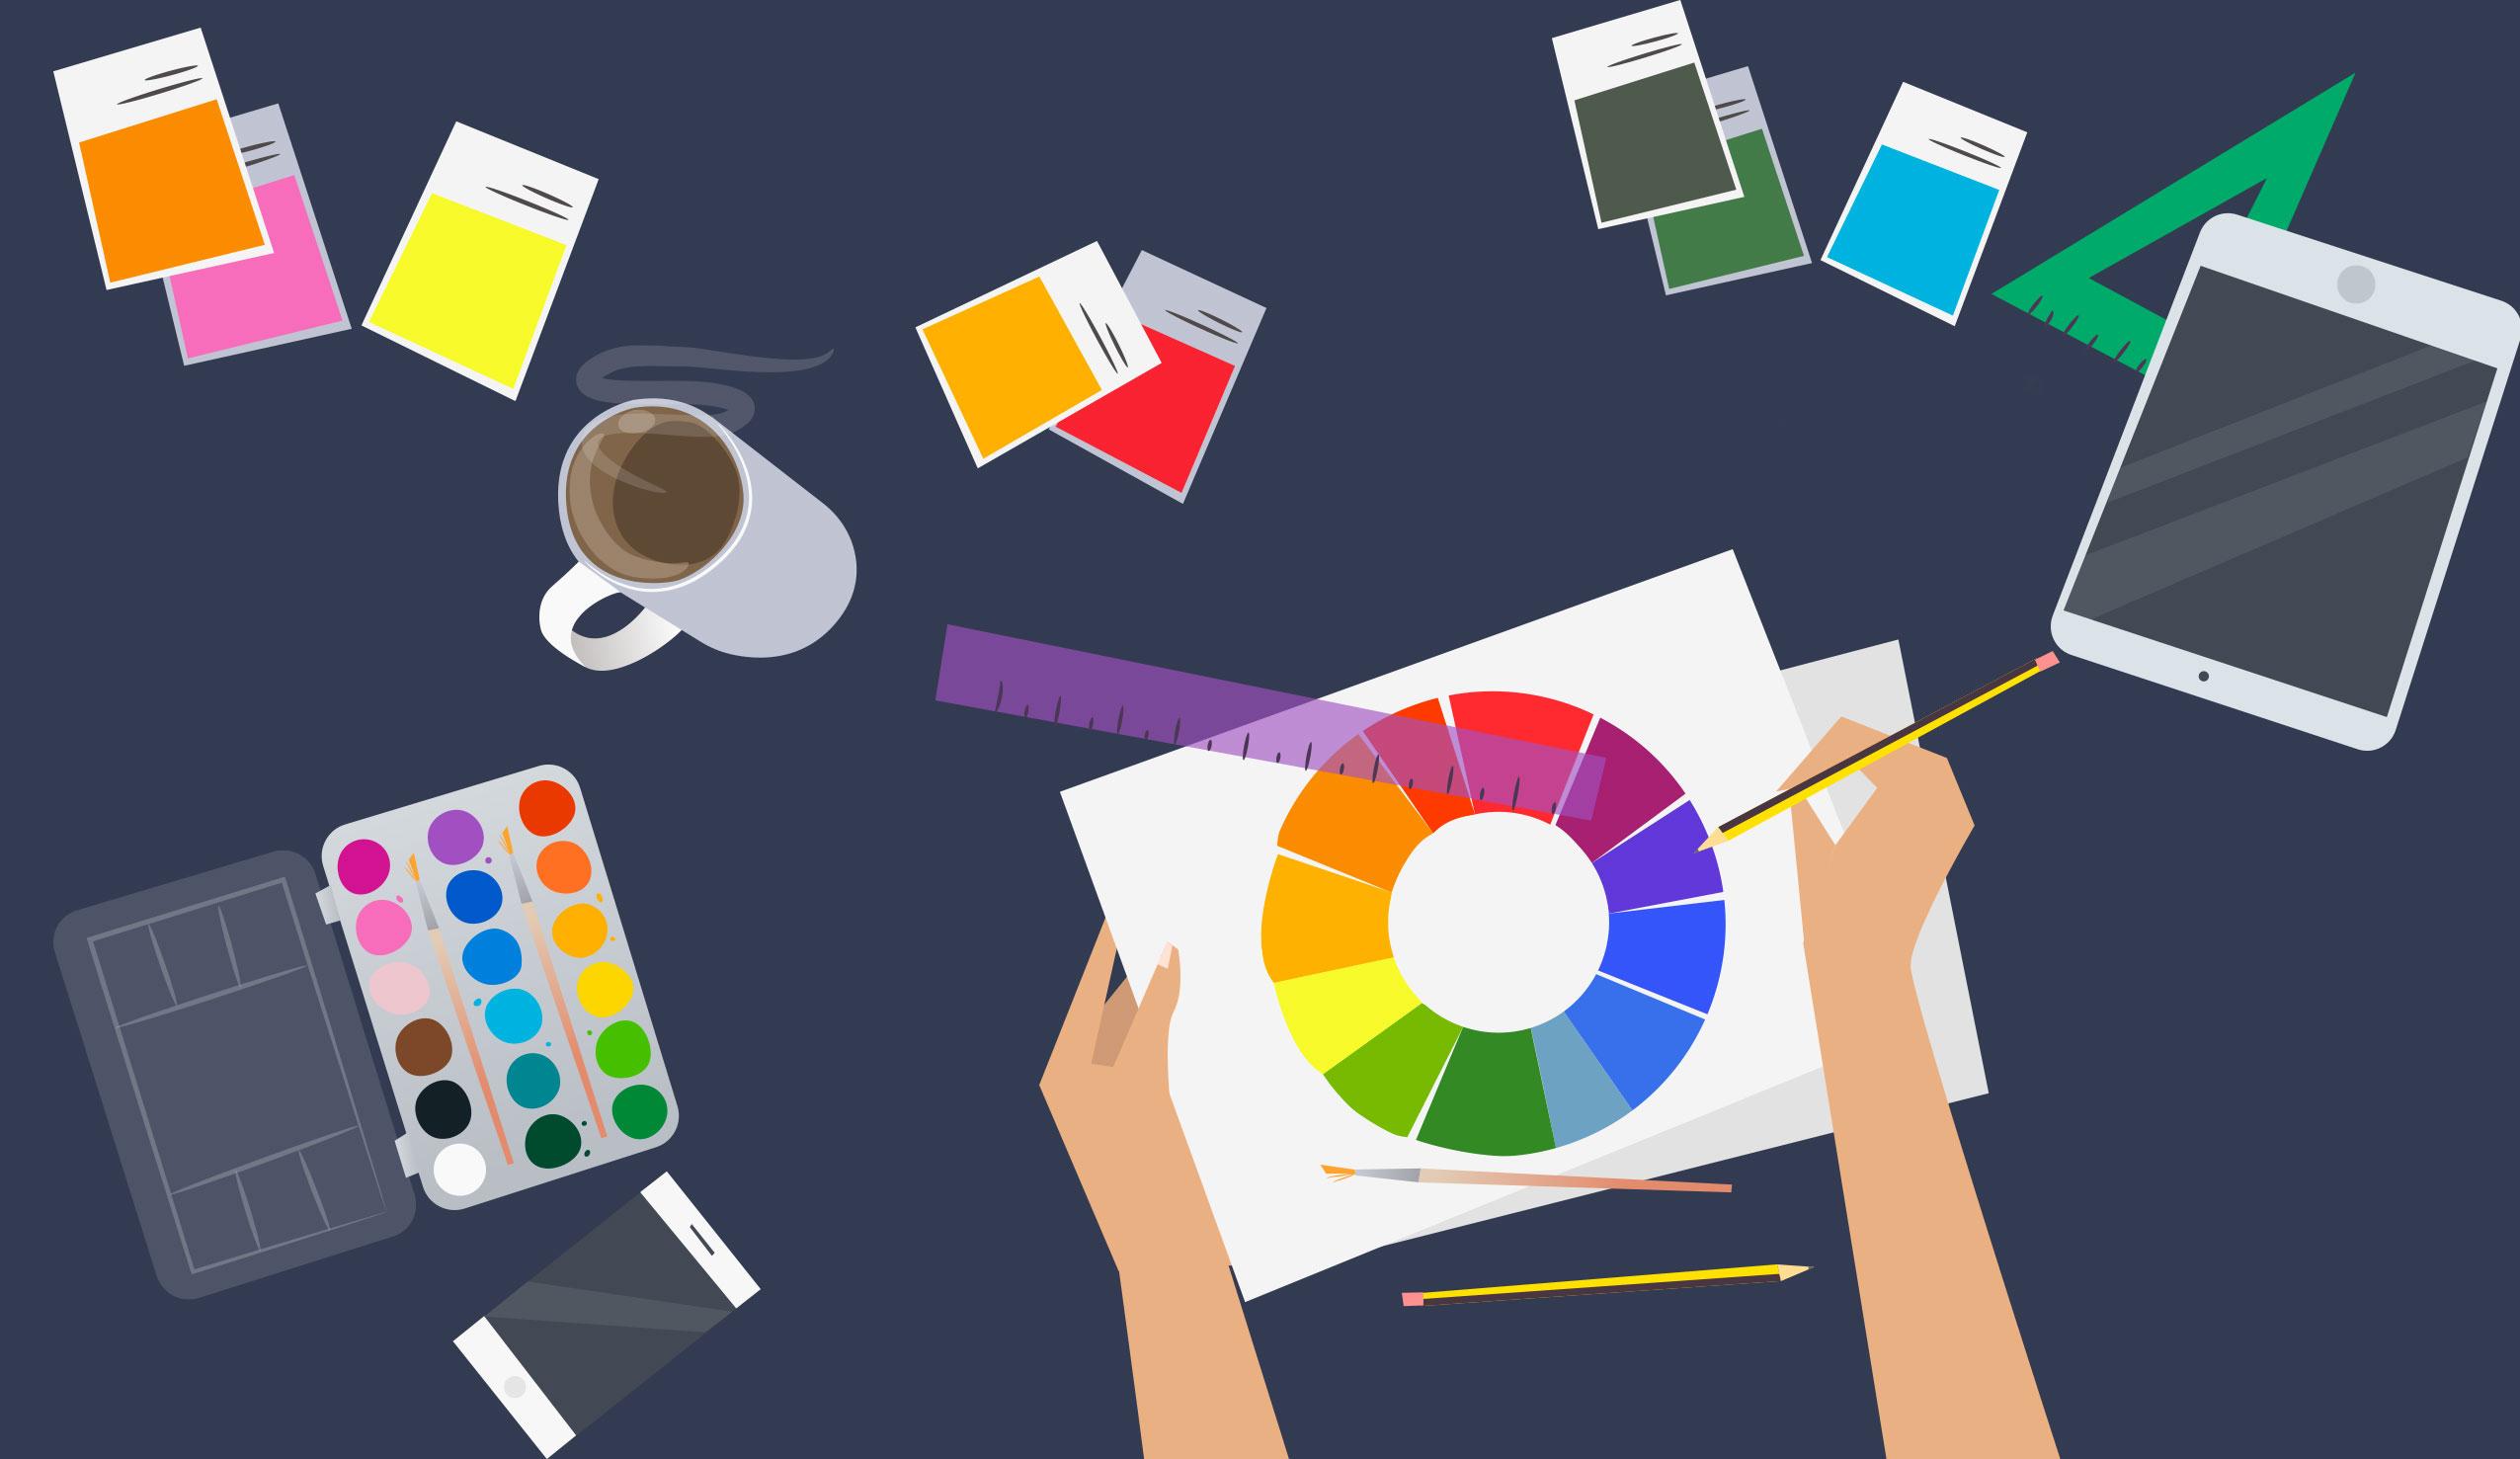 Come scegliere i colori giusti per un progetto grafico